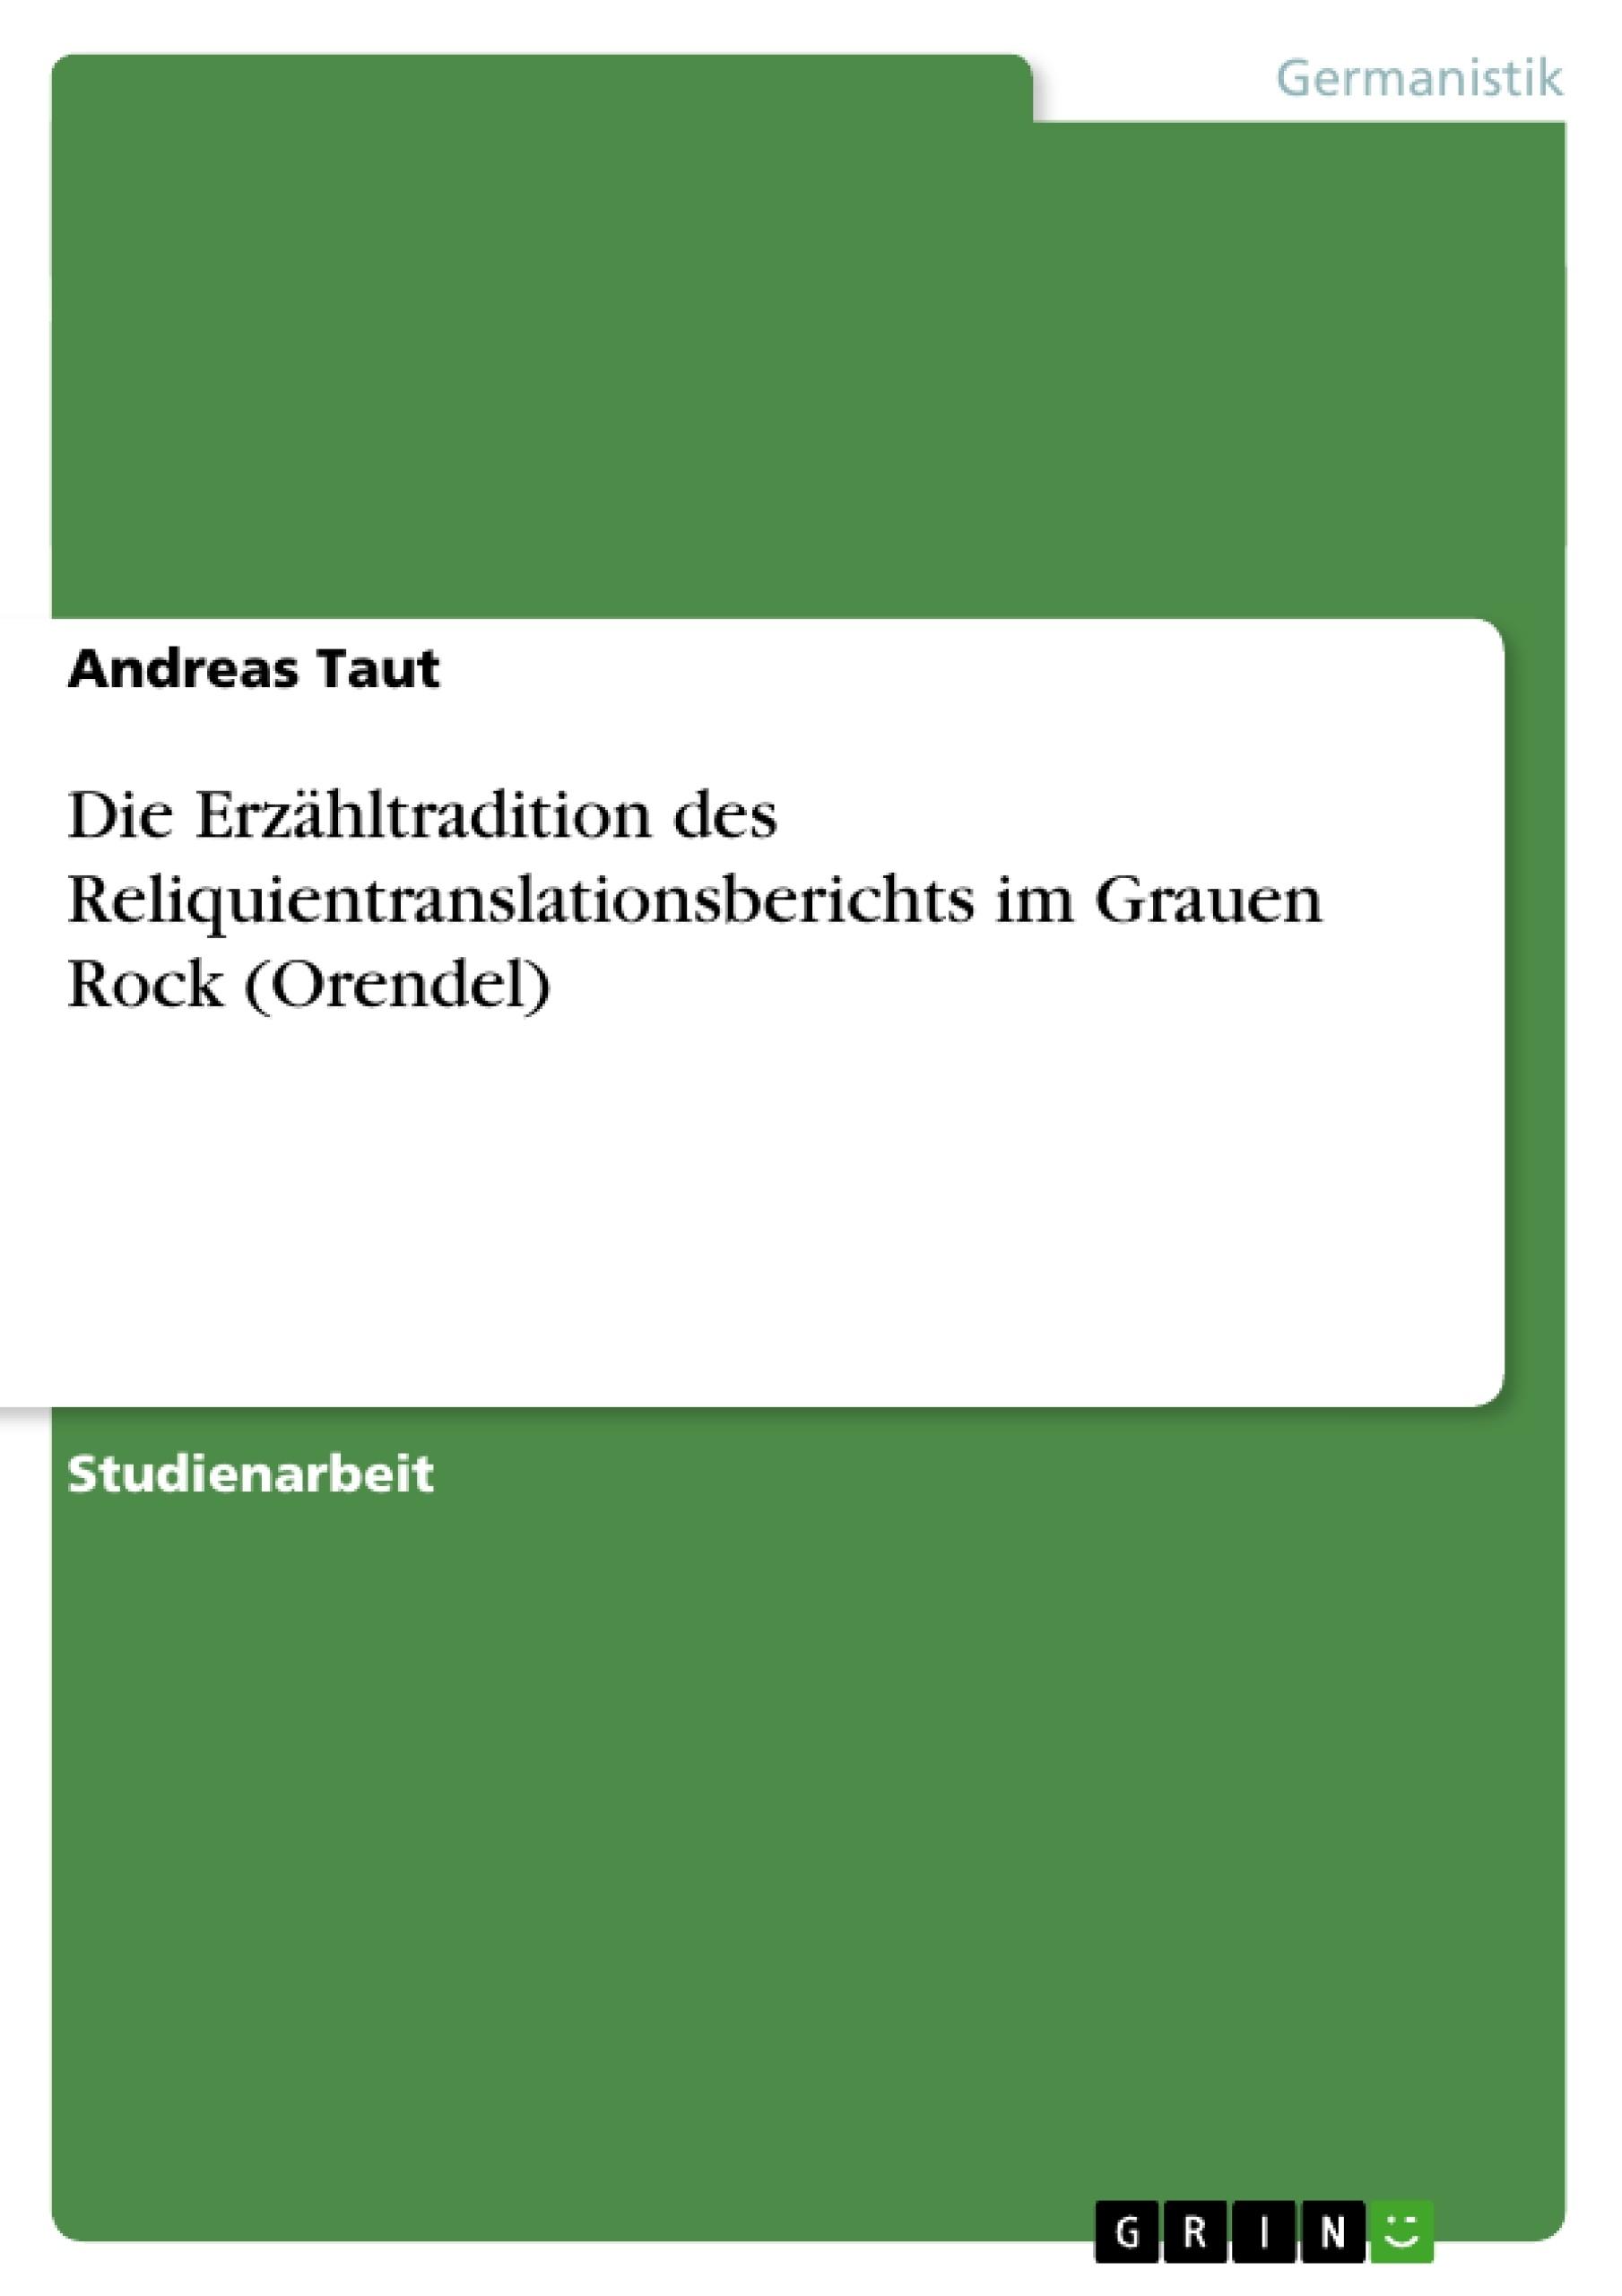 Titel: Die Erzähltradition des Reliquientranslationsberichts im Grauen Rock (Orendel)